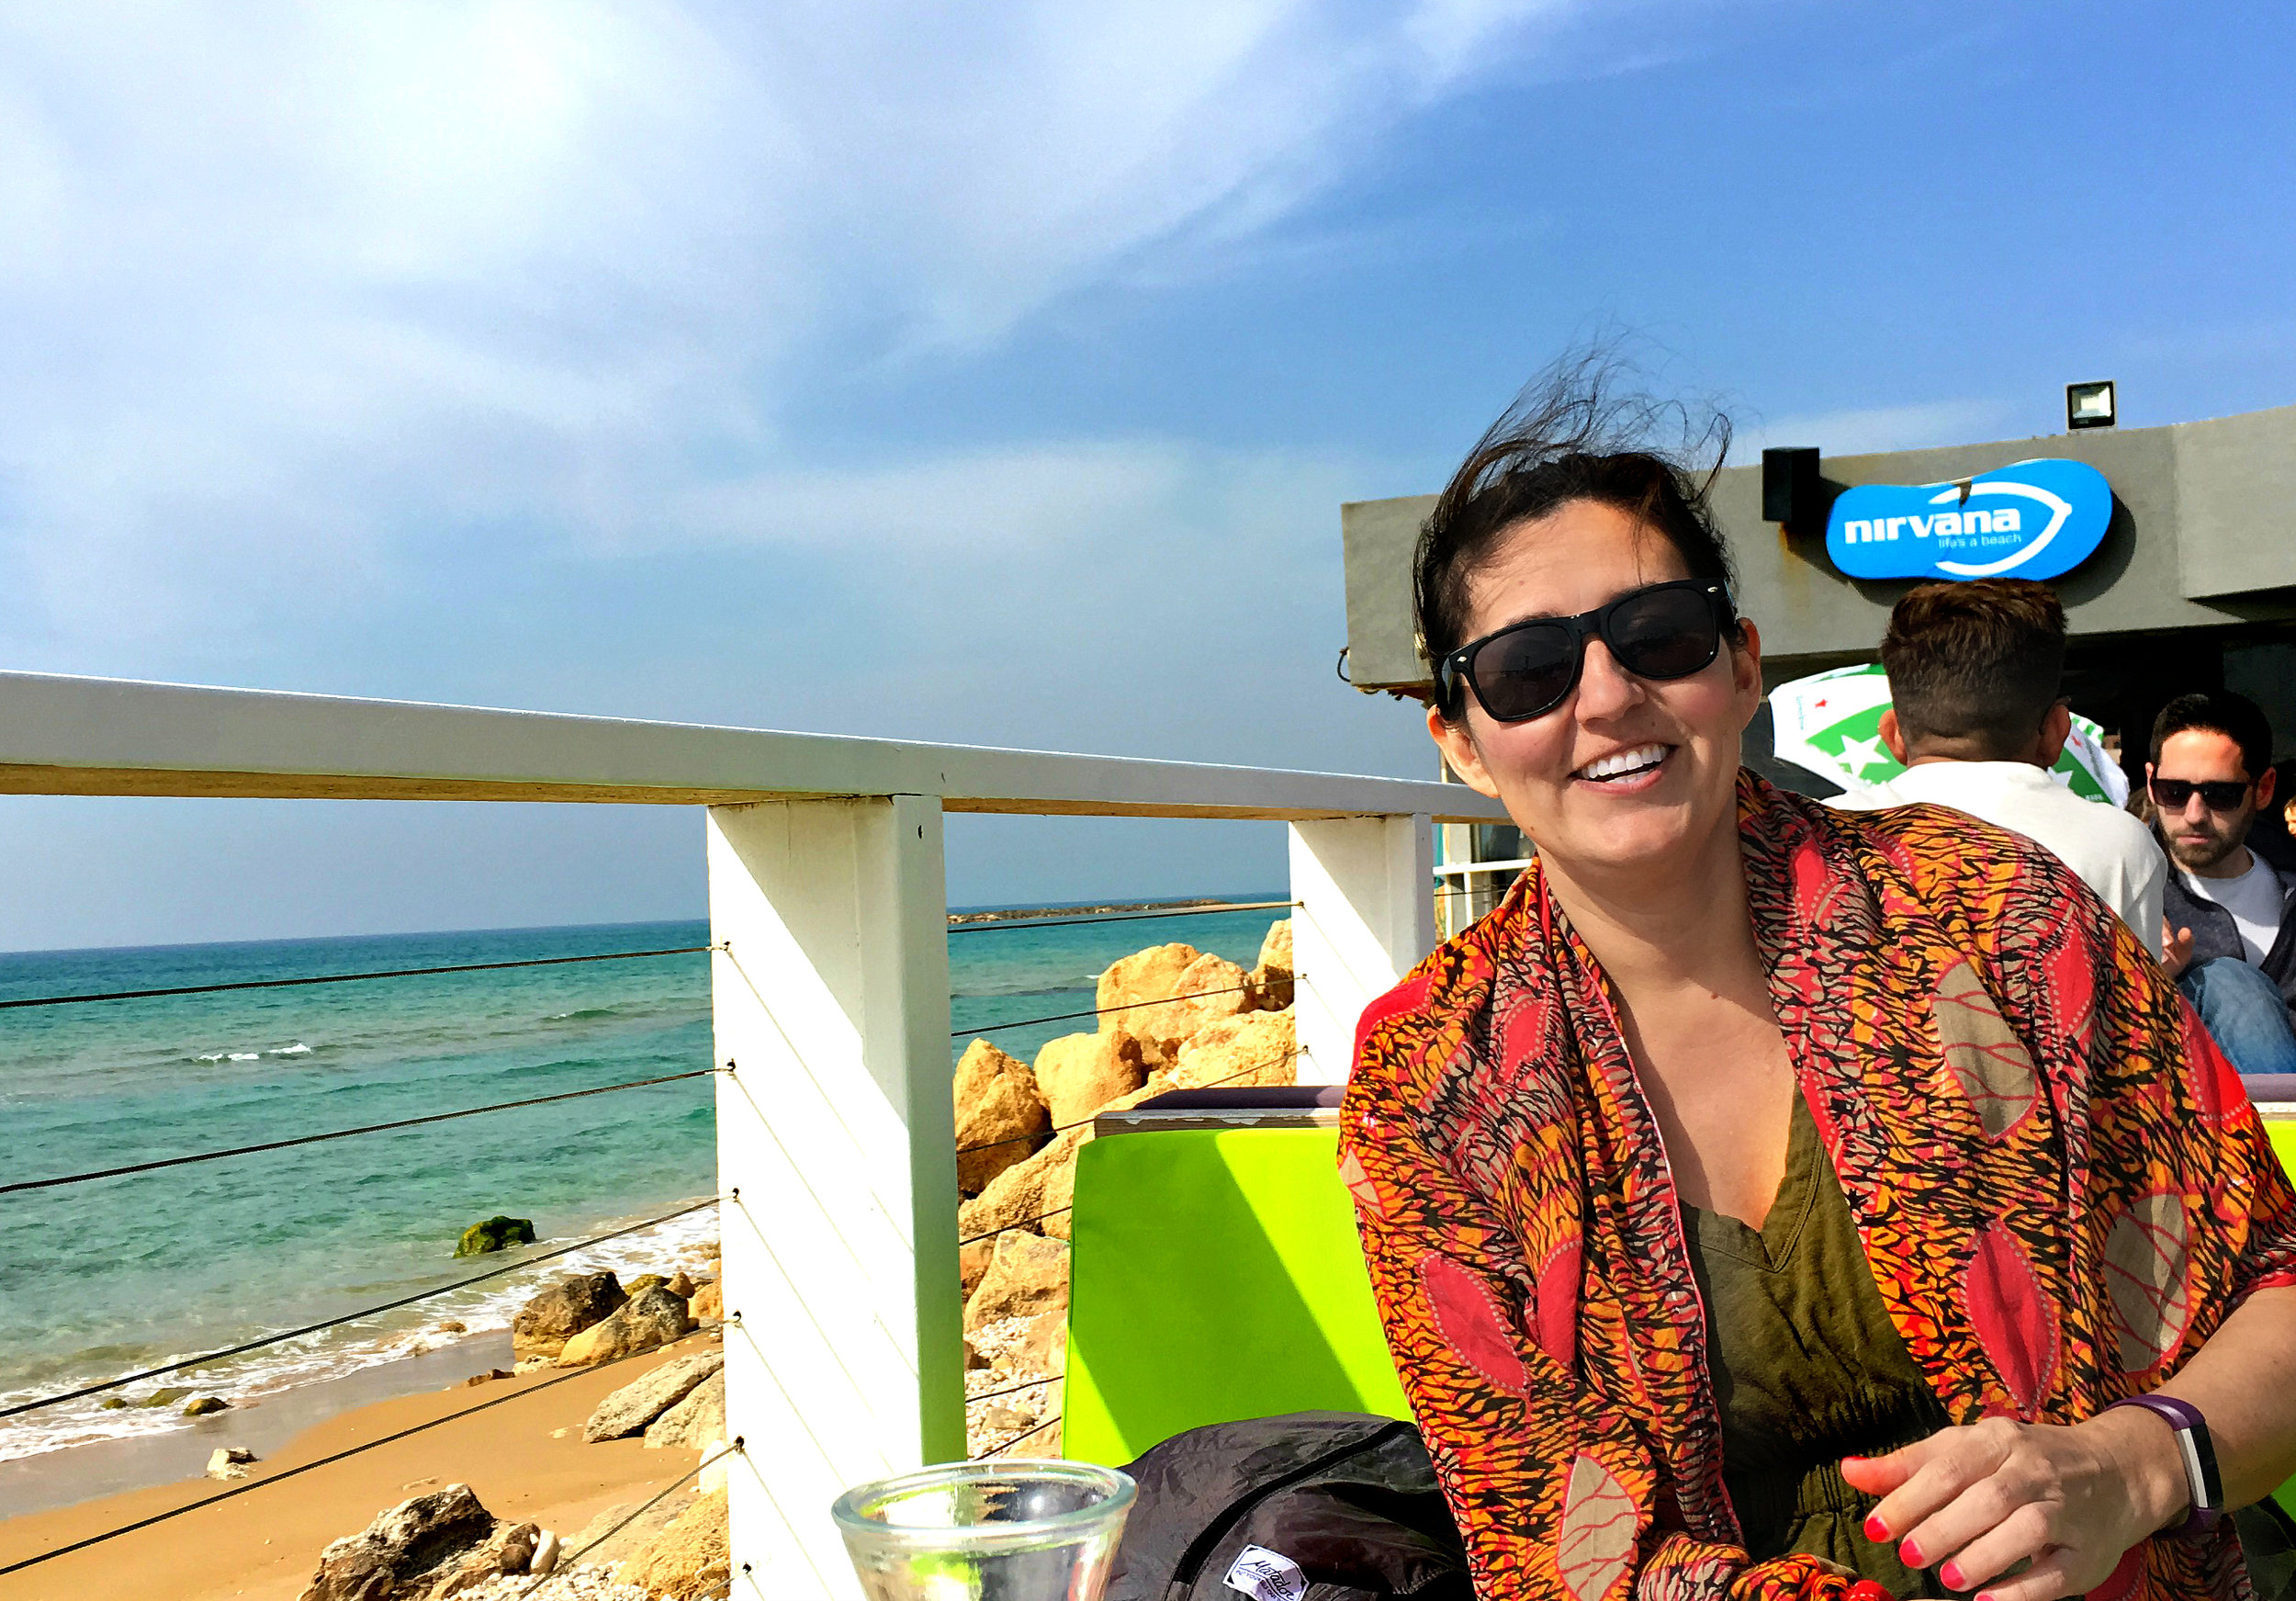 My Good Friend at Dado Beach